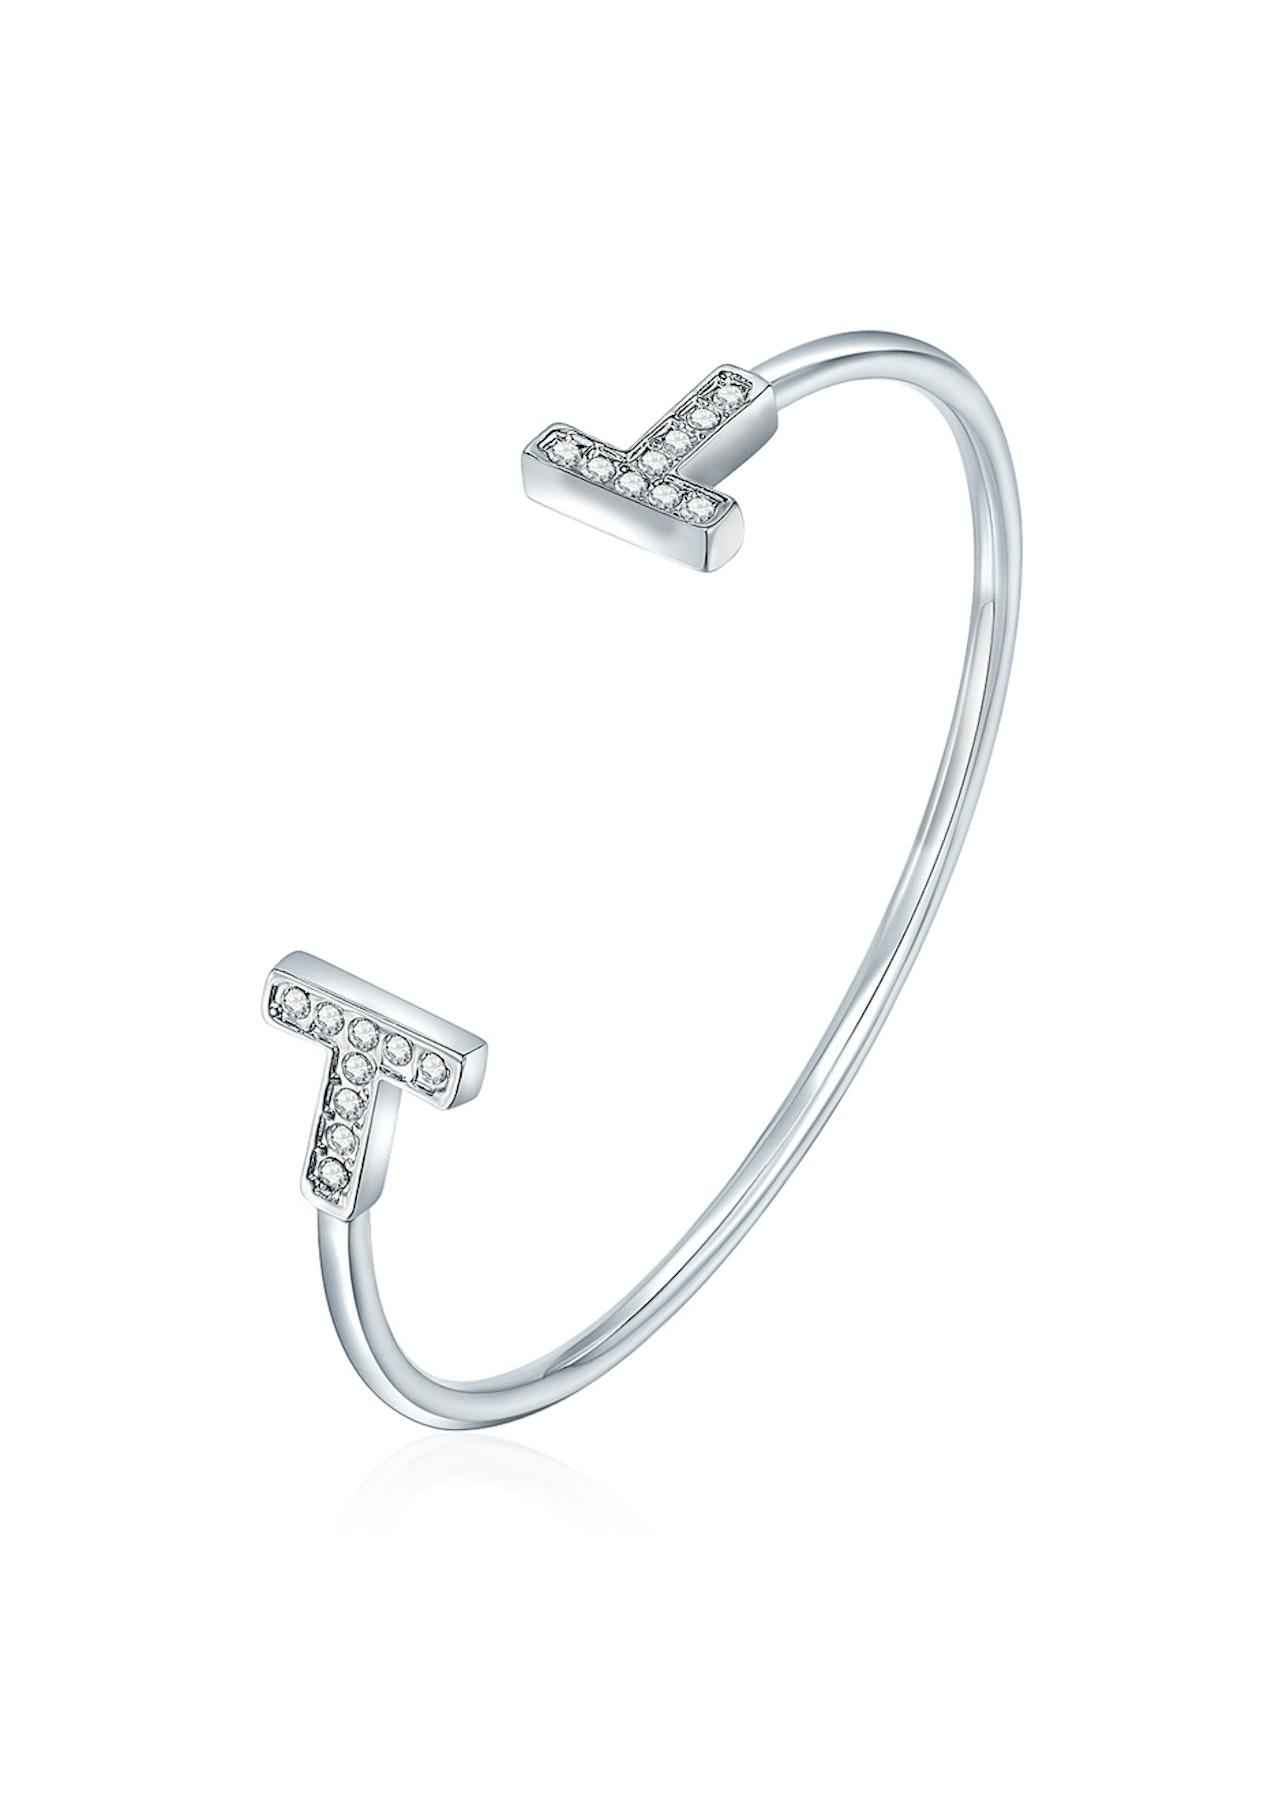 8a83fcd33a89 Open Cuff Bangle Ft Swarovski Elements -WG - Swarovski Elements   Leather  Bracelets - Onceit